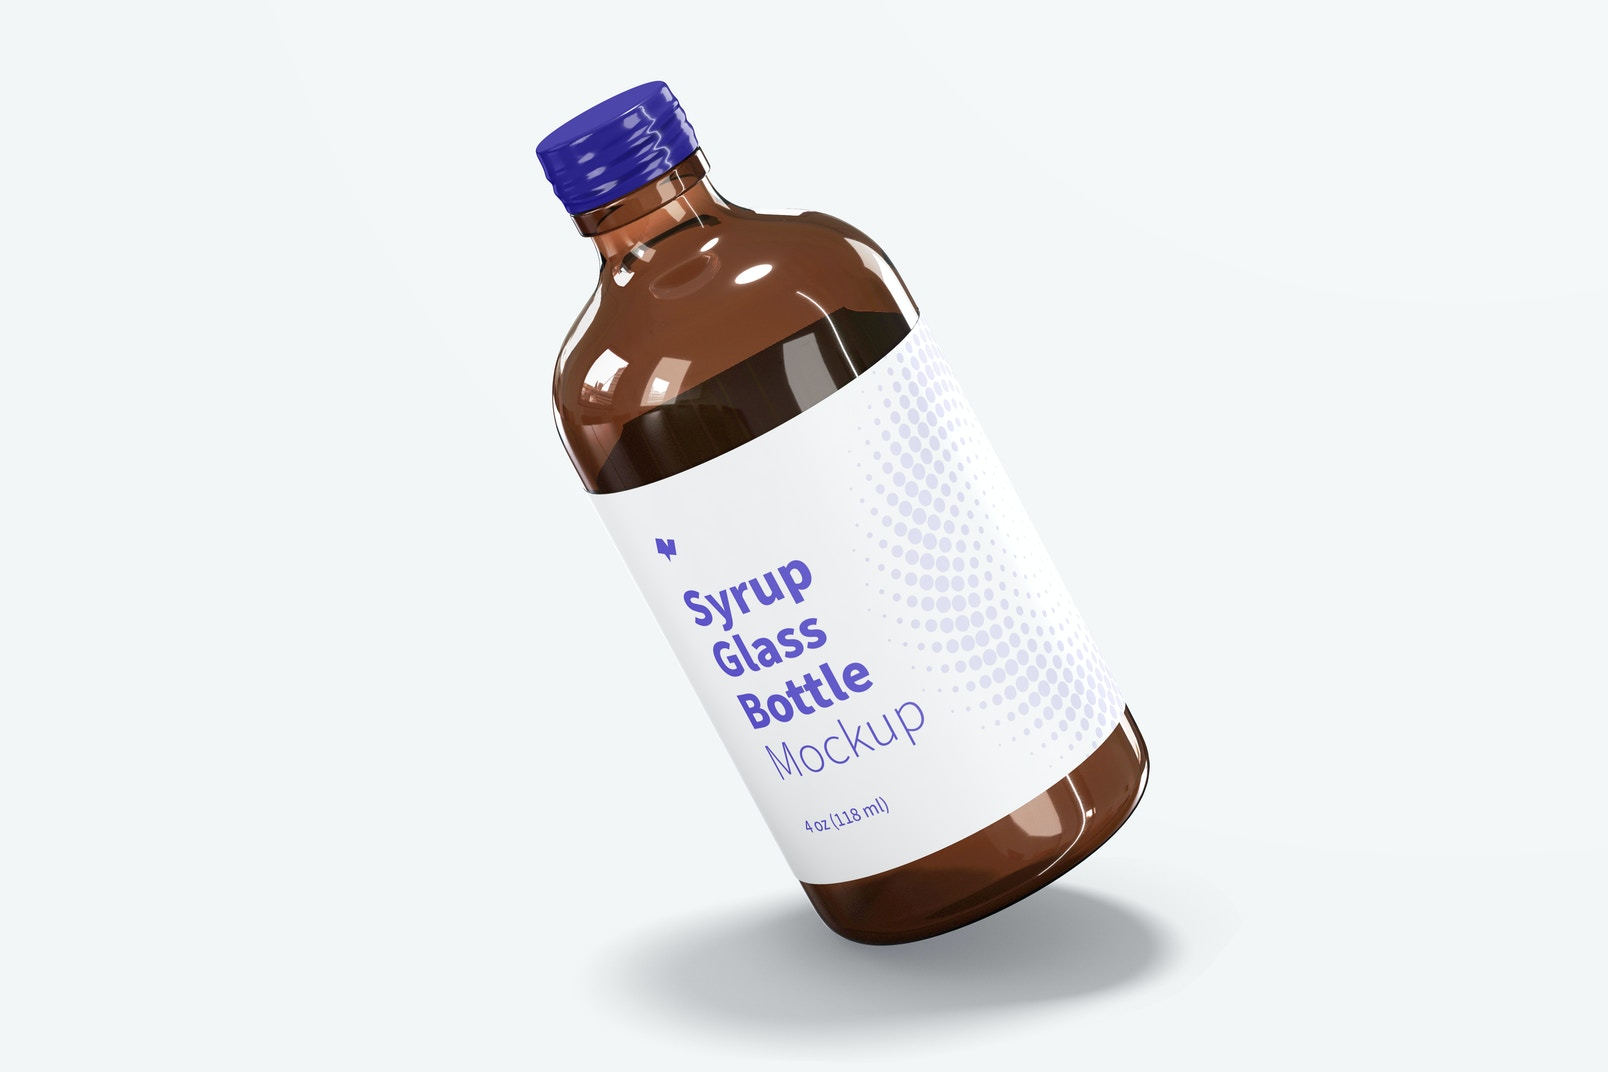 4 oz Syrup Glass Bottle Mockup, Leaned